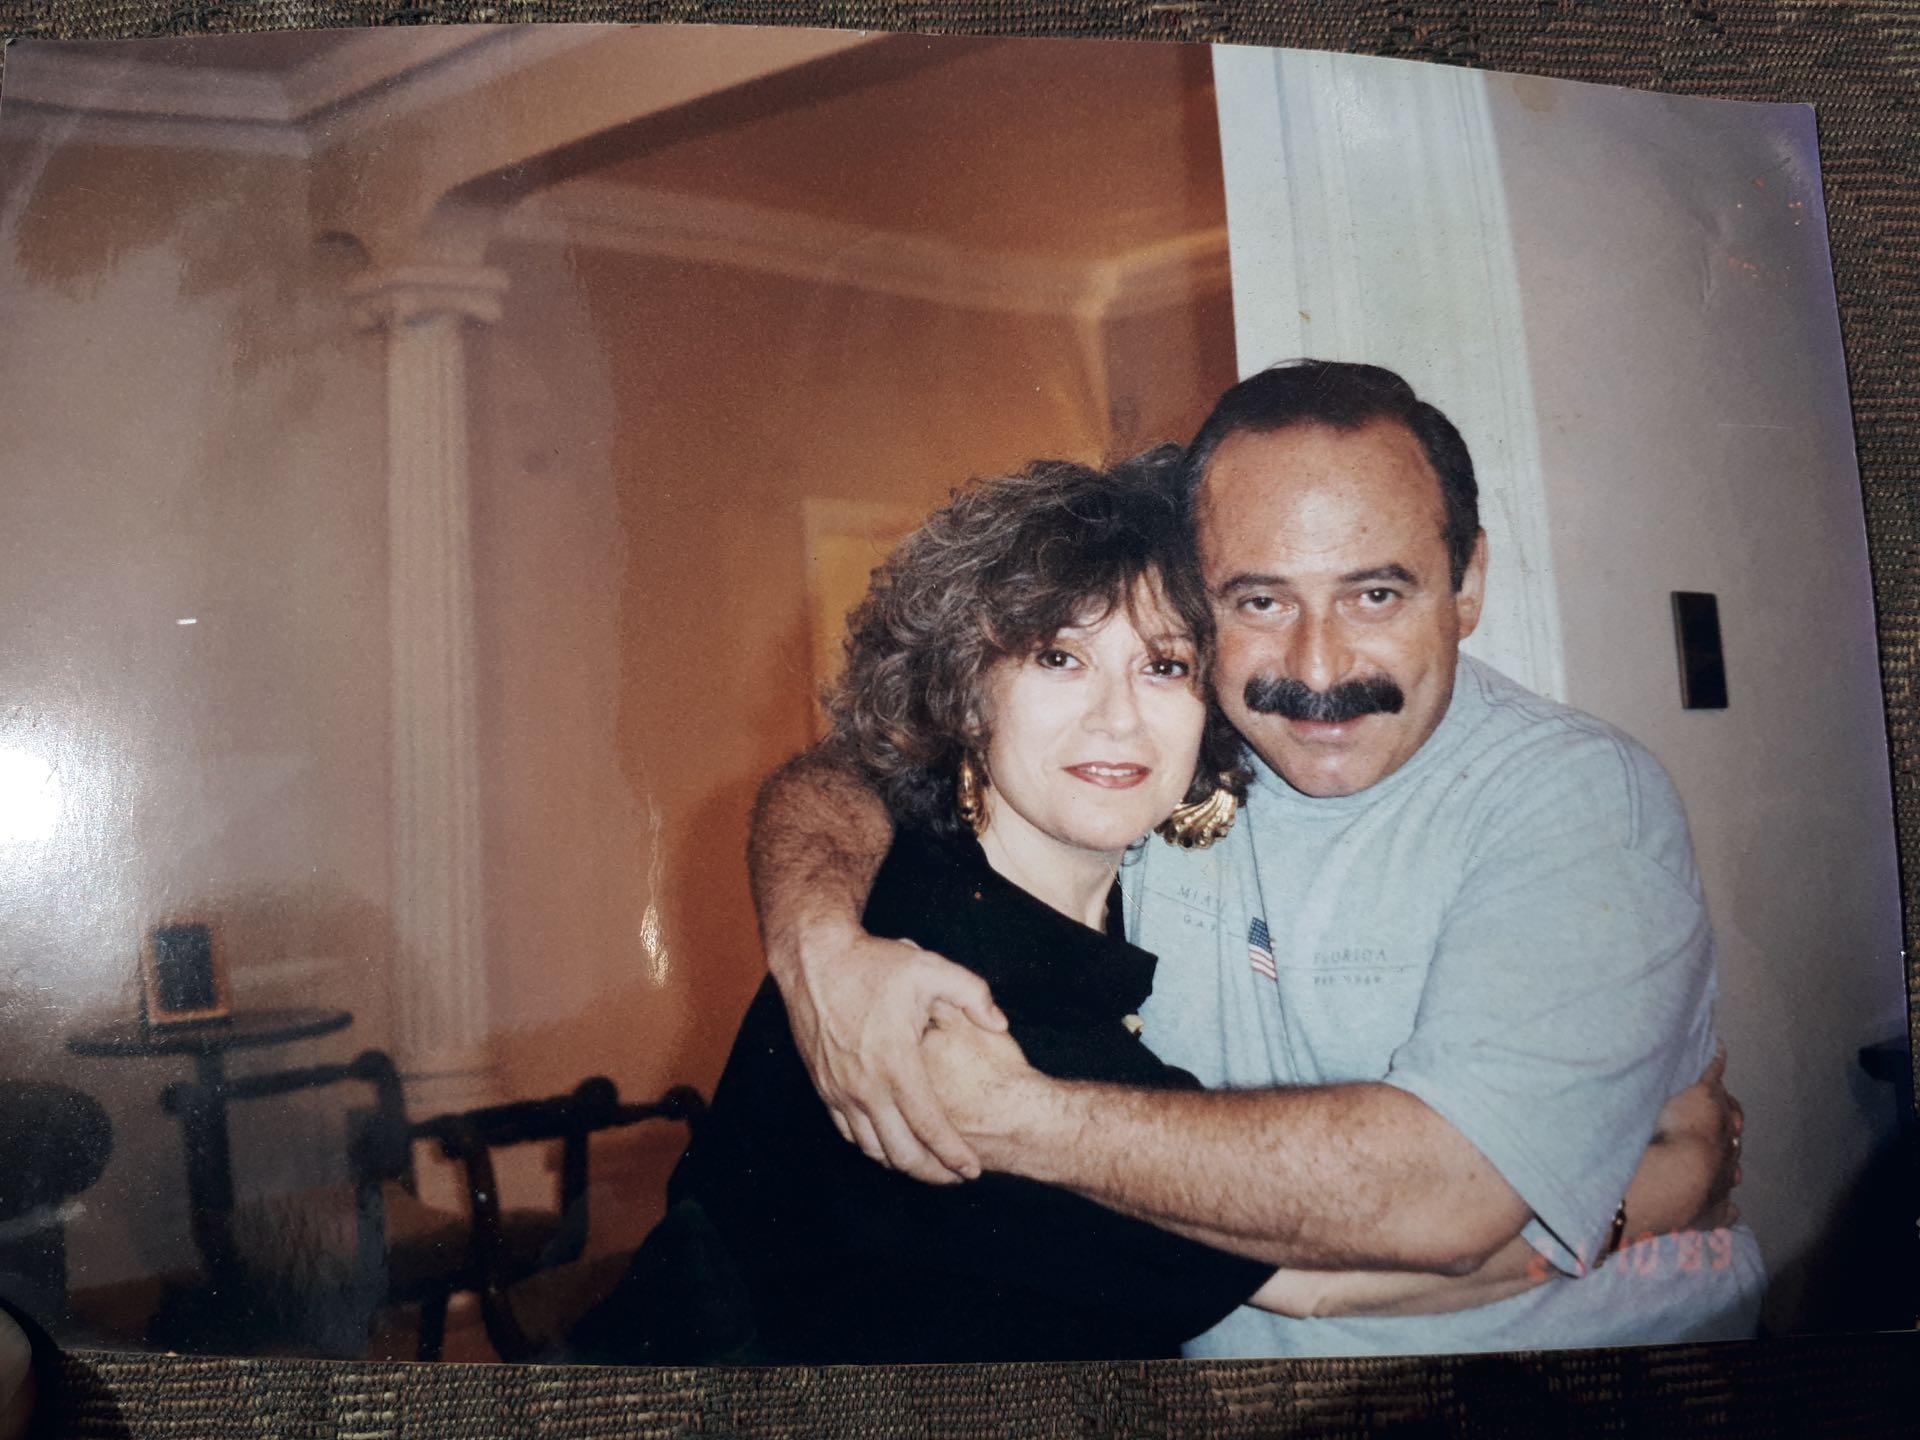 Con su hermana mayor, Mirta, siempre fueron muy cercanos. (Foto Archivo GENTE)